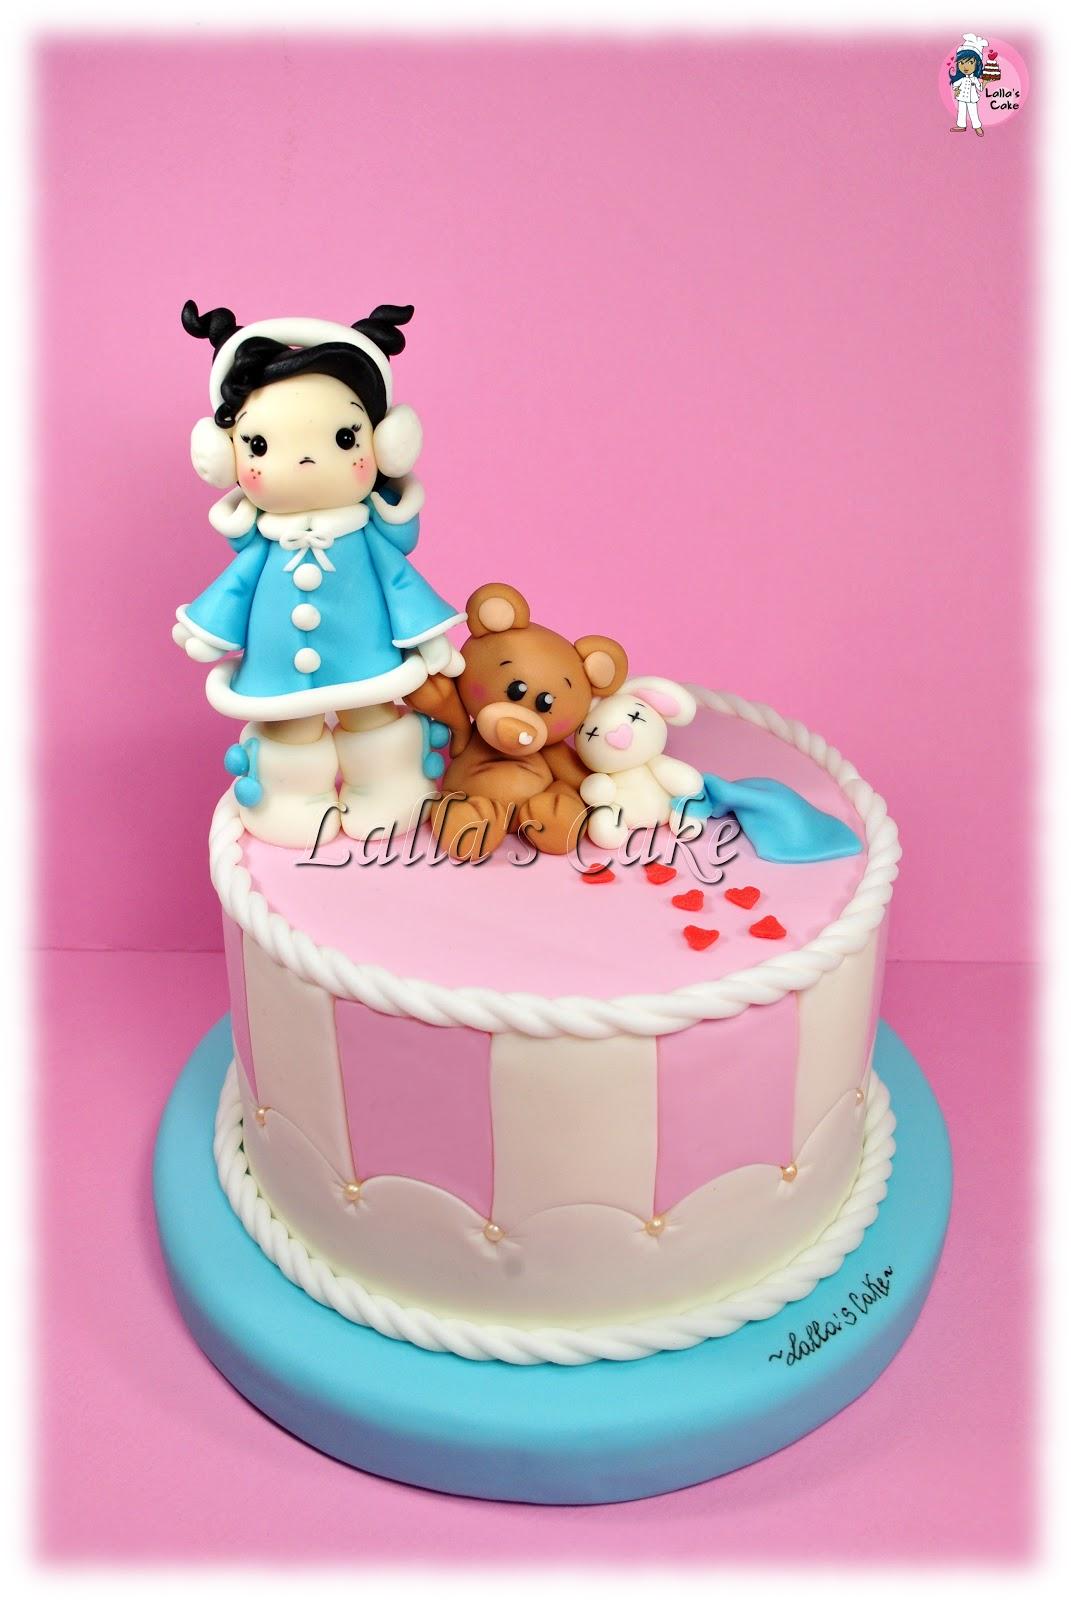 Cake Design Provincia Varese : Lalla s Cake - sugar art & cake design: Corso di cake ...